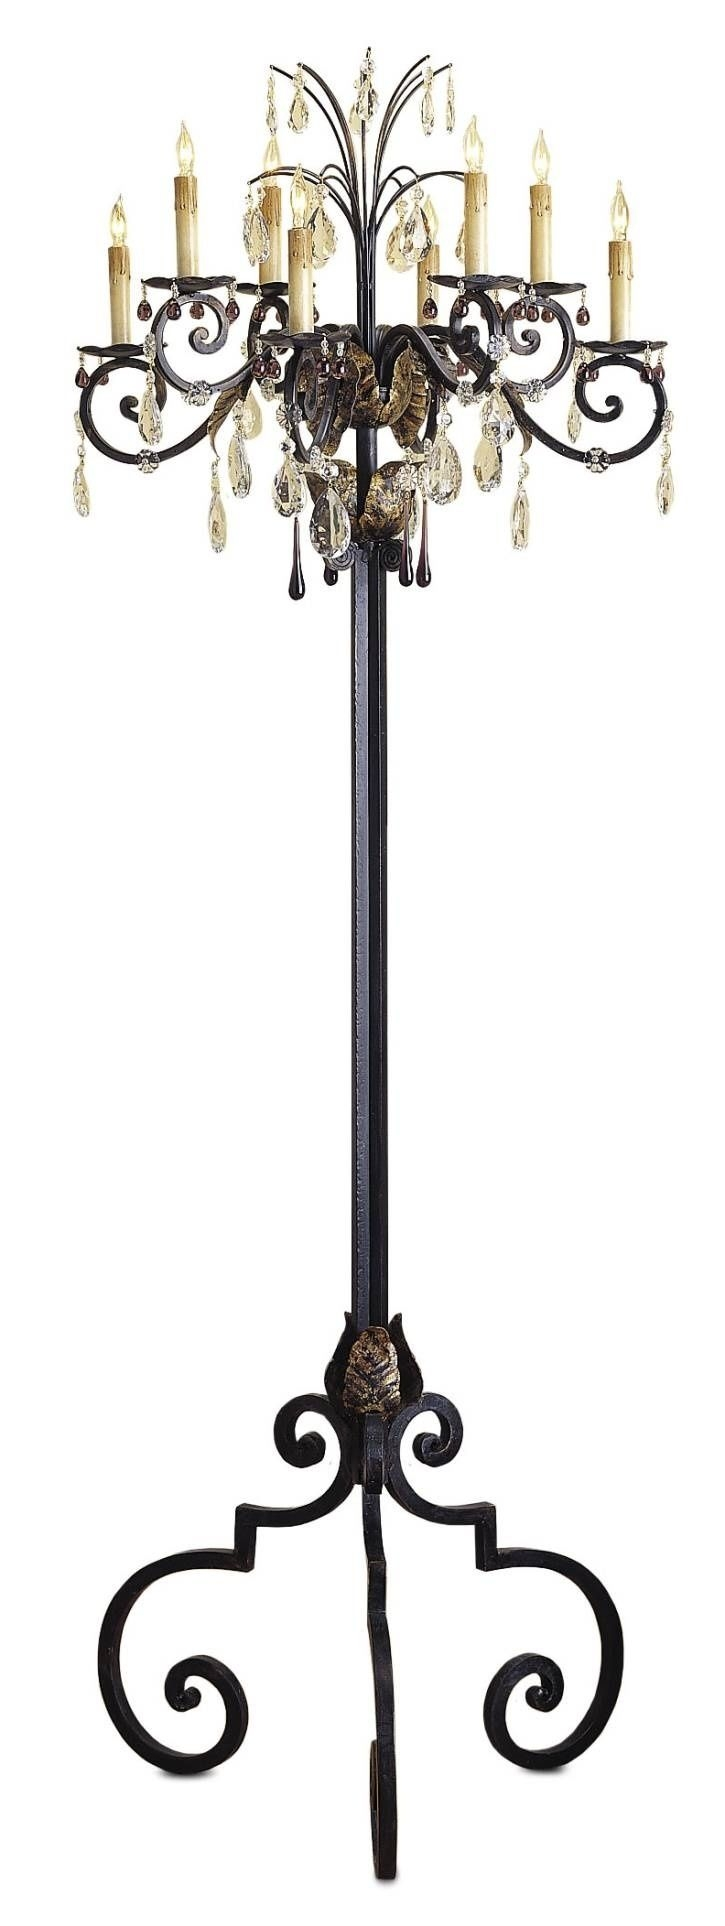 Best 25 Floor Candelabra Ideas On Pinterest Halloween With Regard To Standing Chandelier Floor Lamps (Image 1 of 25)